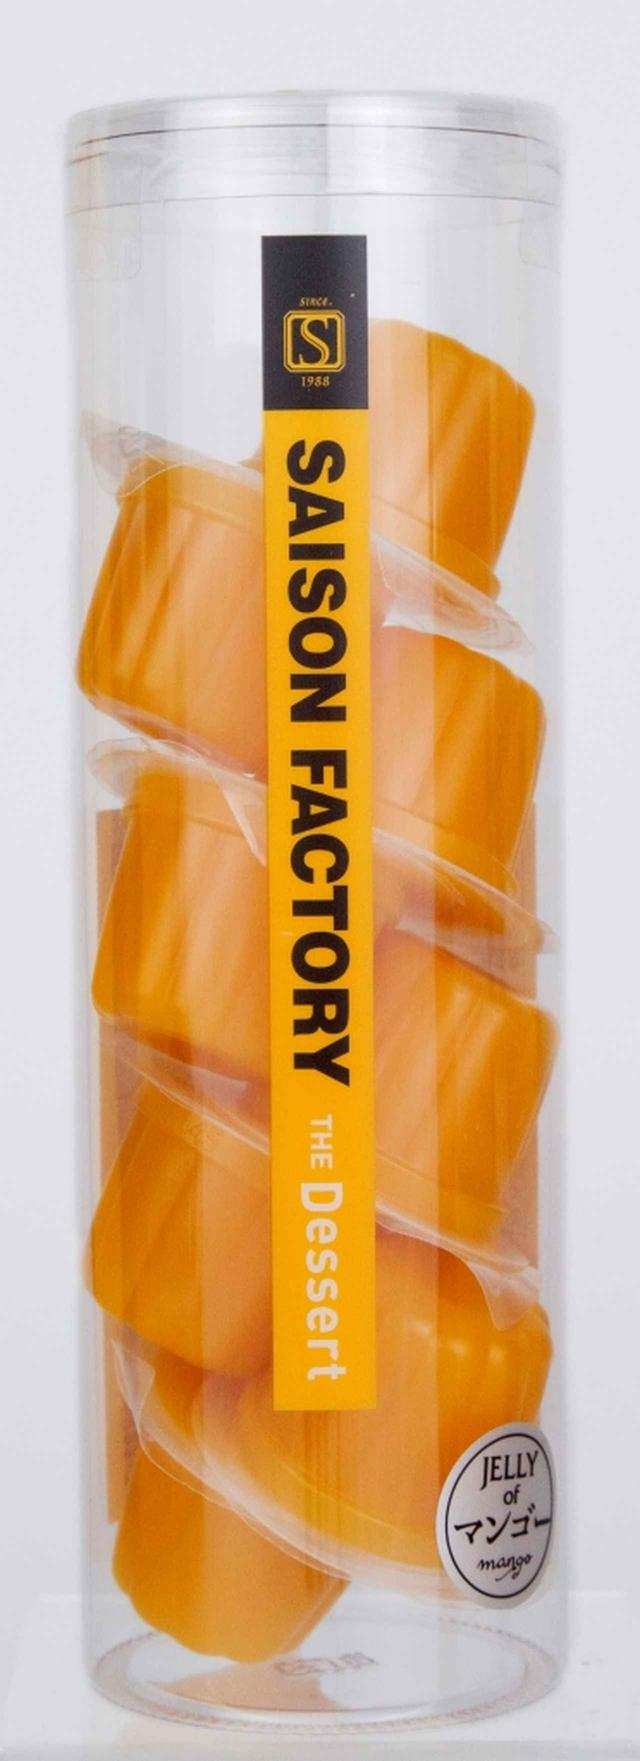 画像: 商品名:果実のこだわりミニゼリー「マンゴー」 価格:756円(税込) 発売日:2018年4月27日(金)